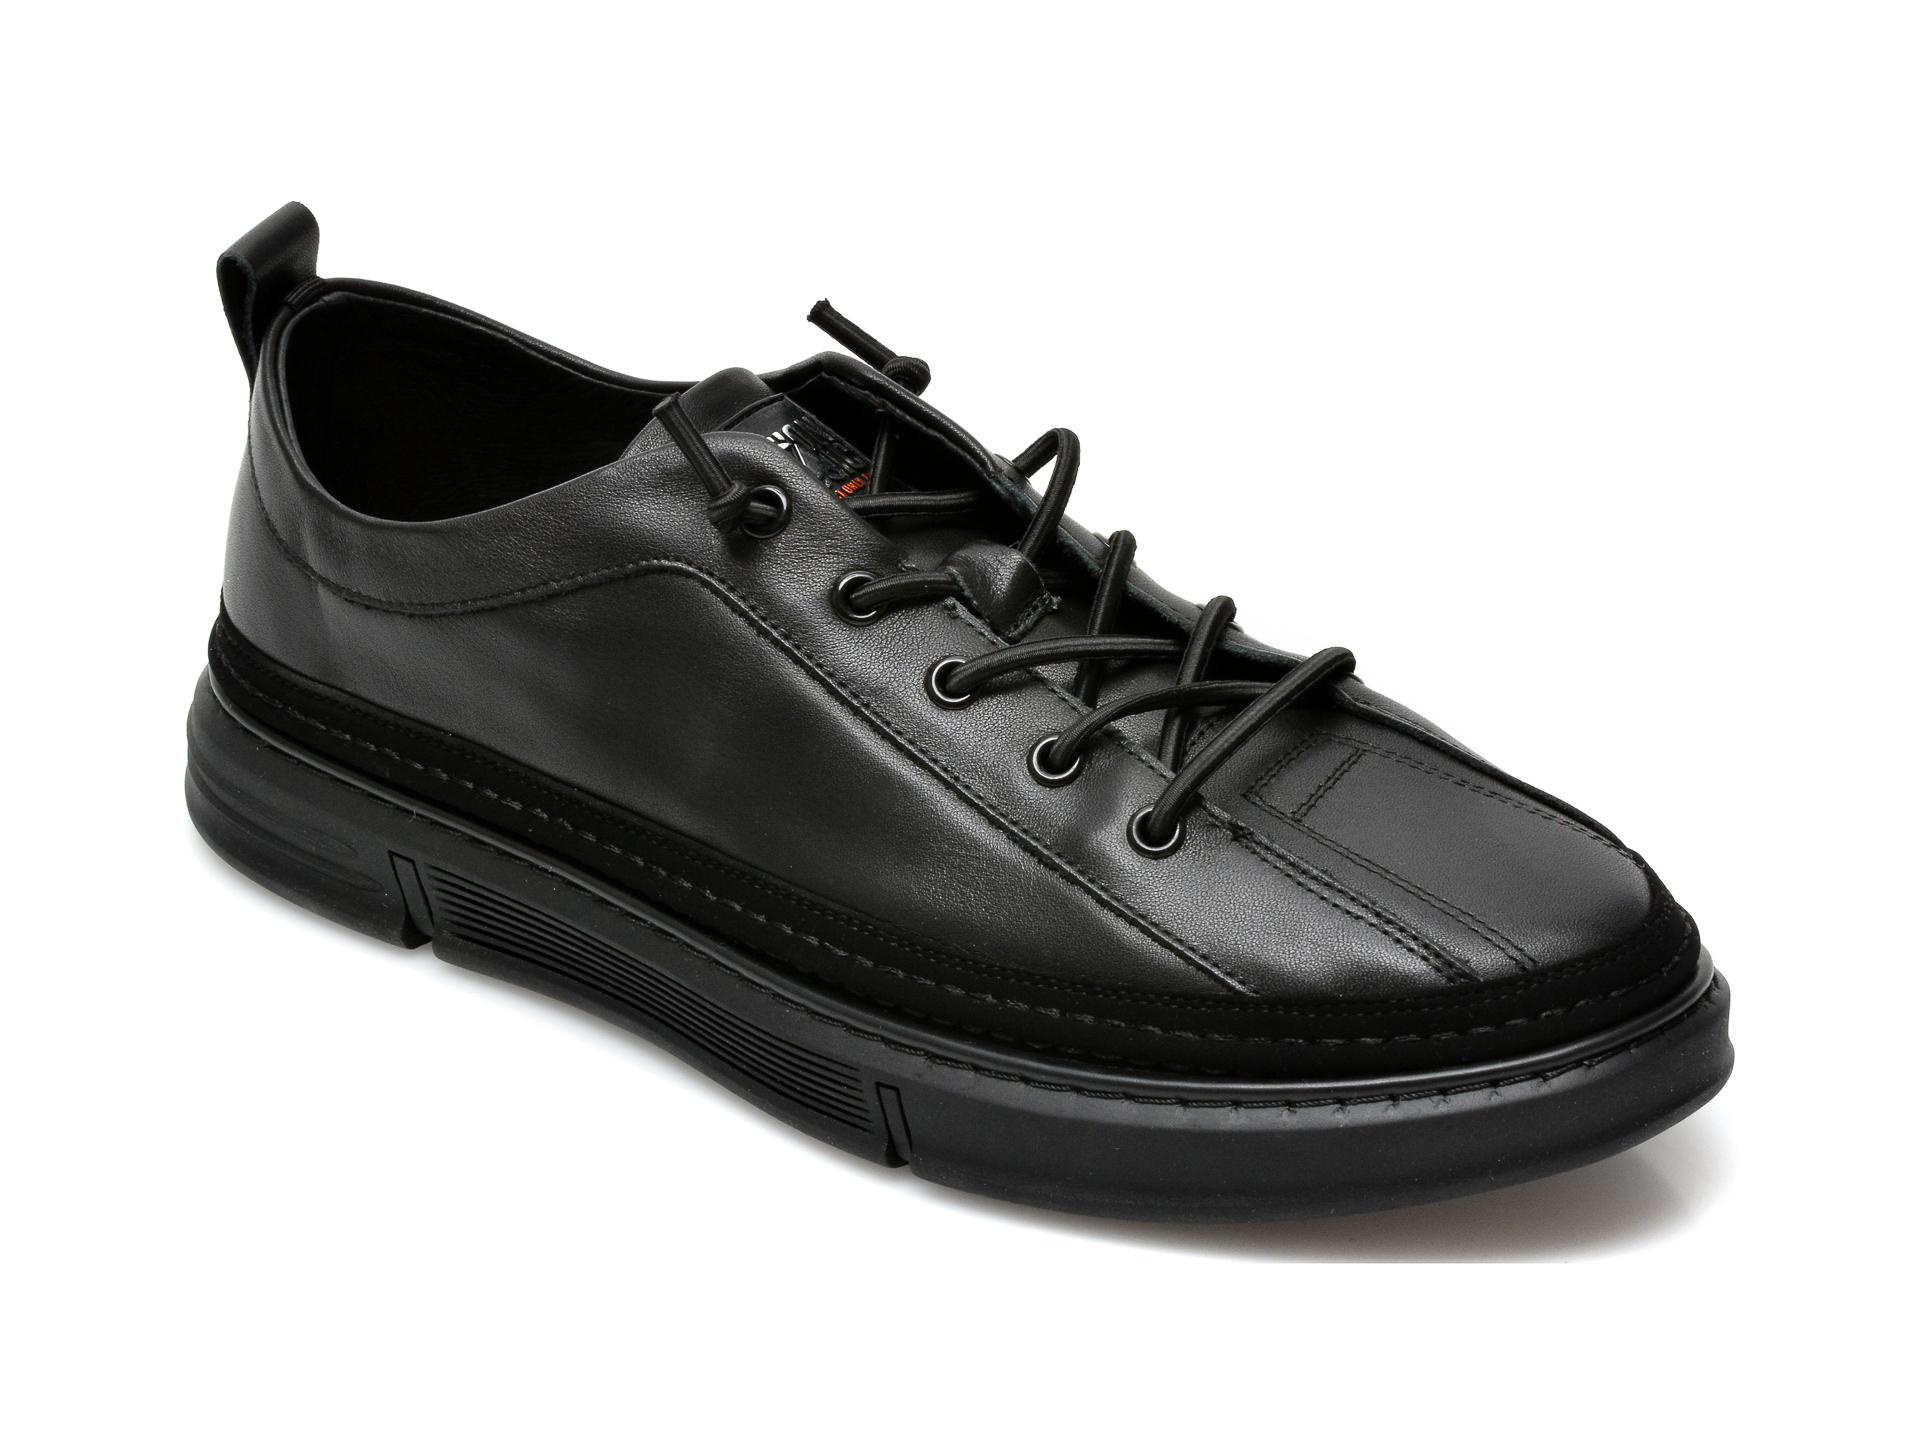 Pantofi OTTER negri, 81031, din piele naturala imagine otter.ro 2021